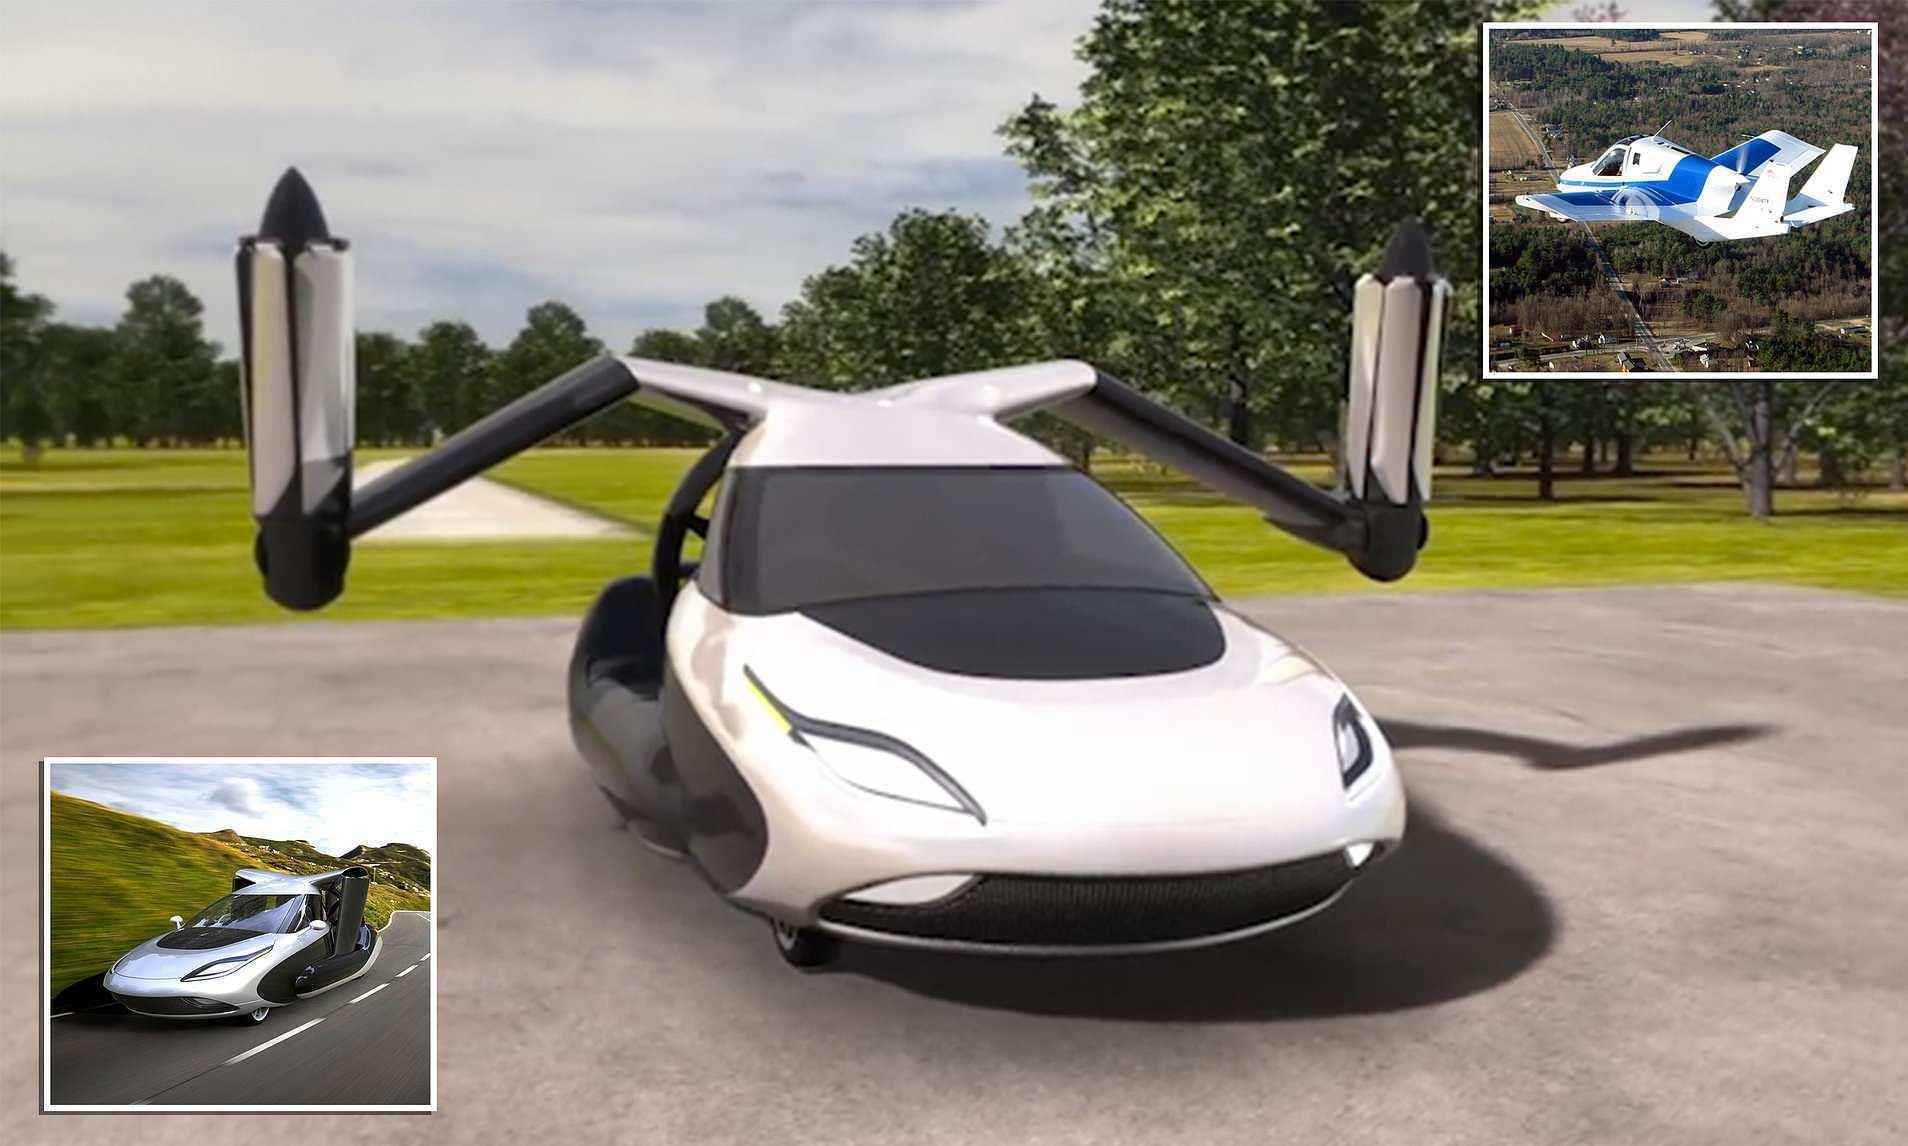 41 Concept of Tesla 2019 Flying Car Engine with Tesla 2019 Flying Car